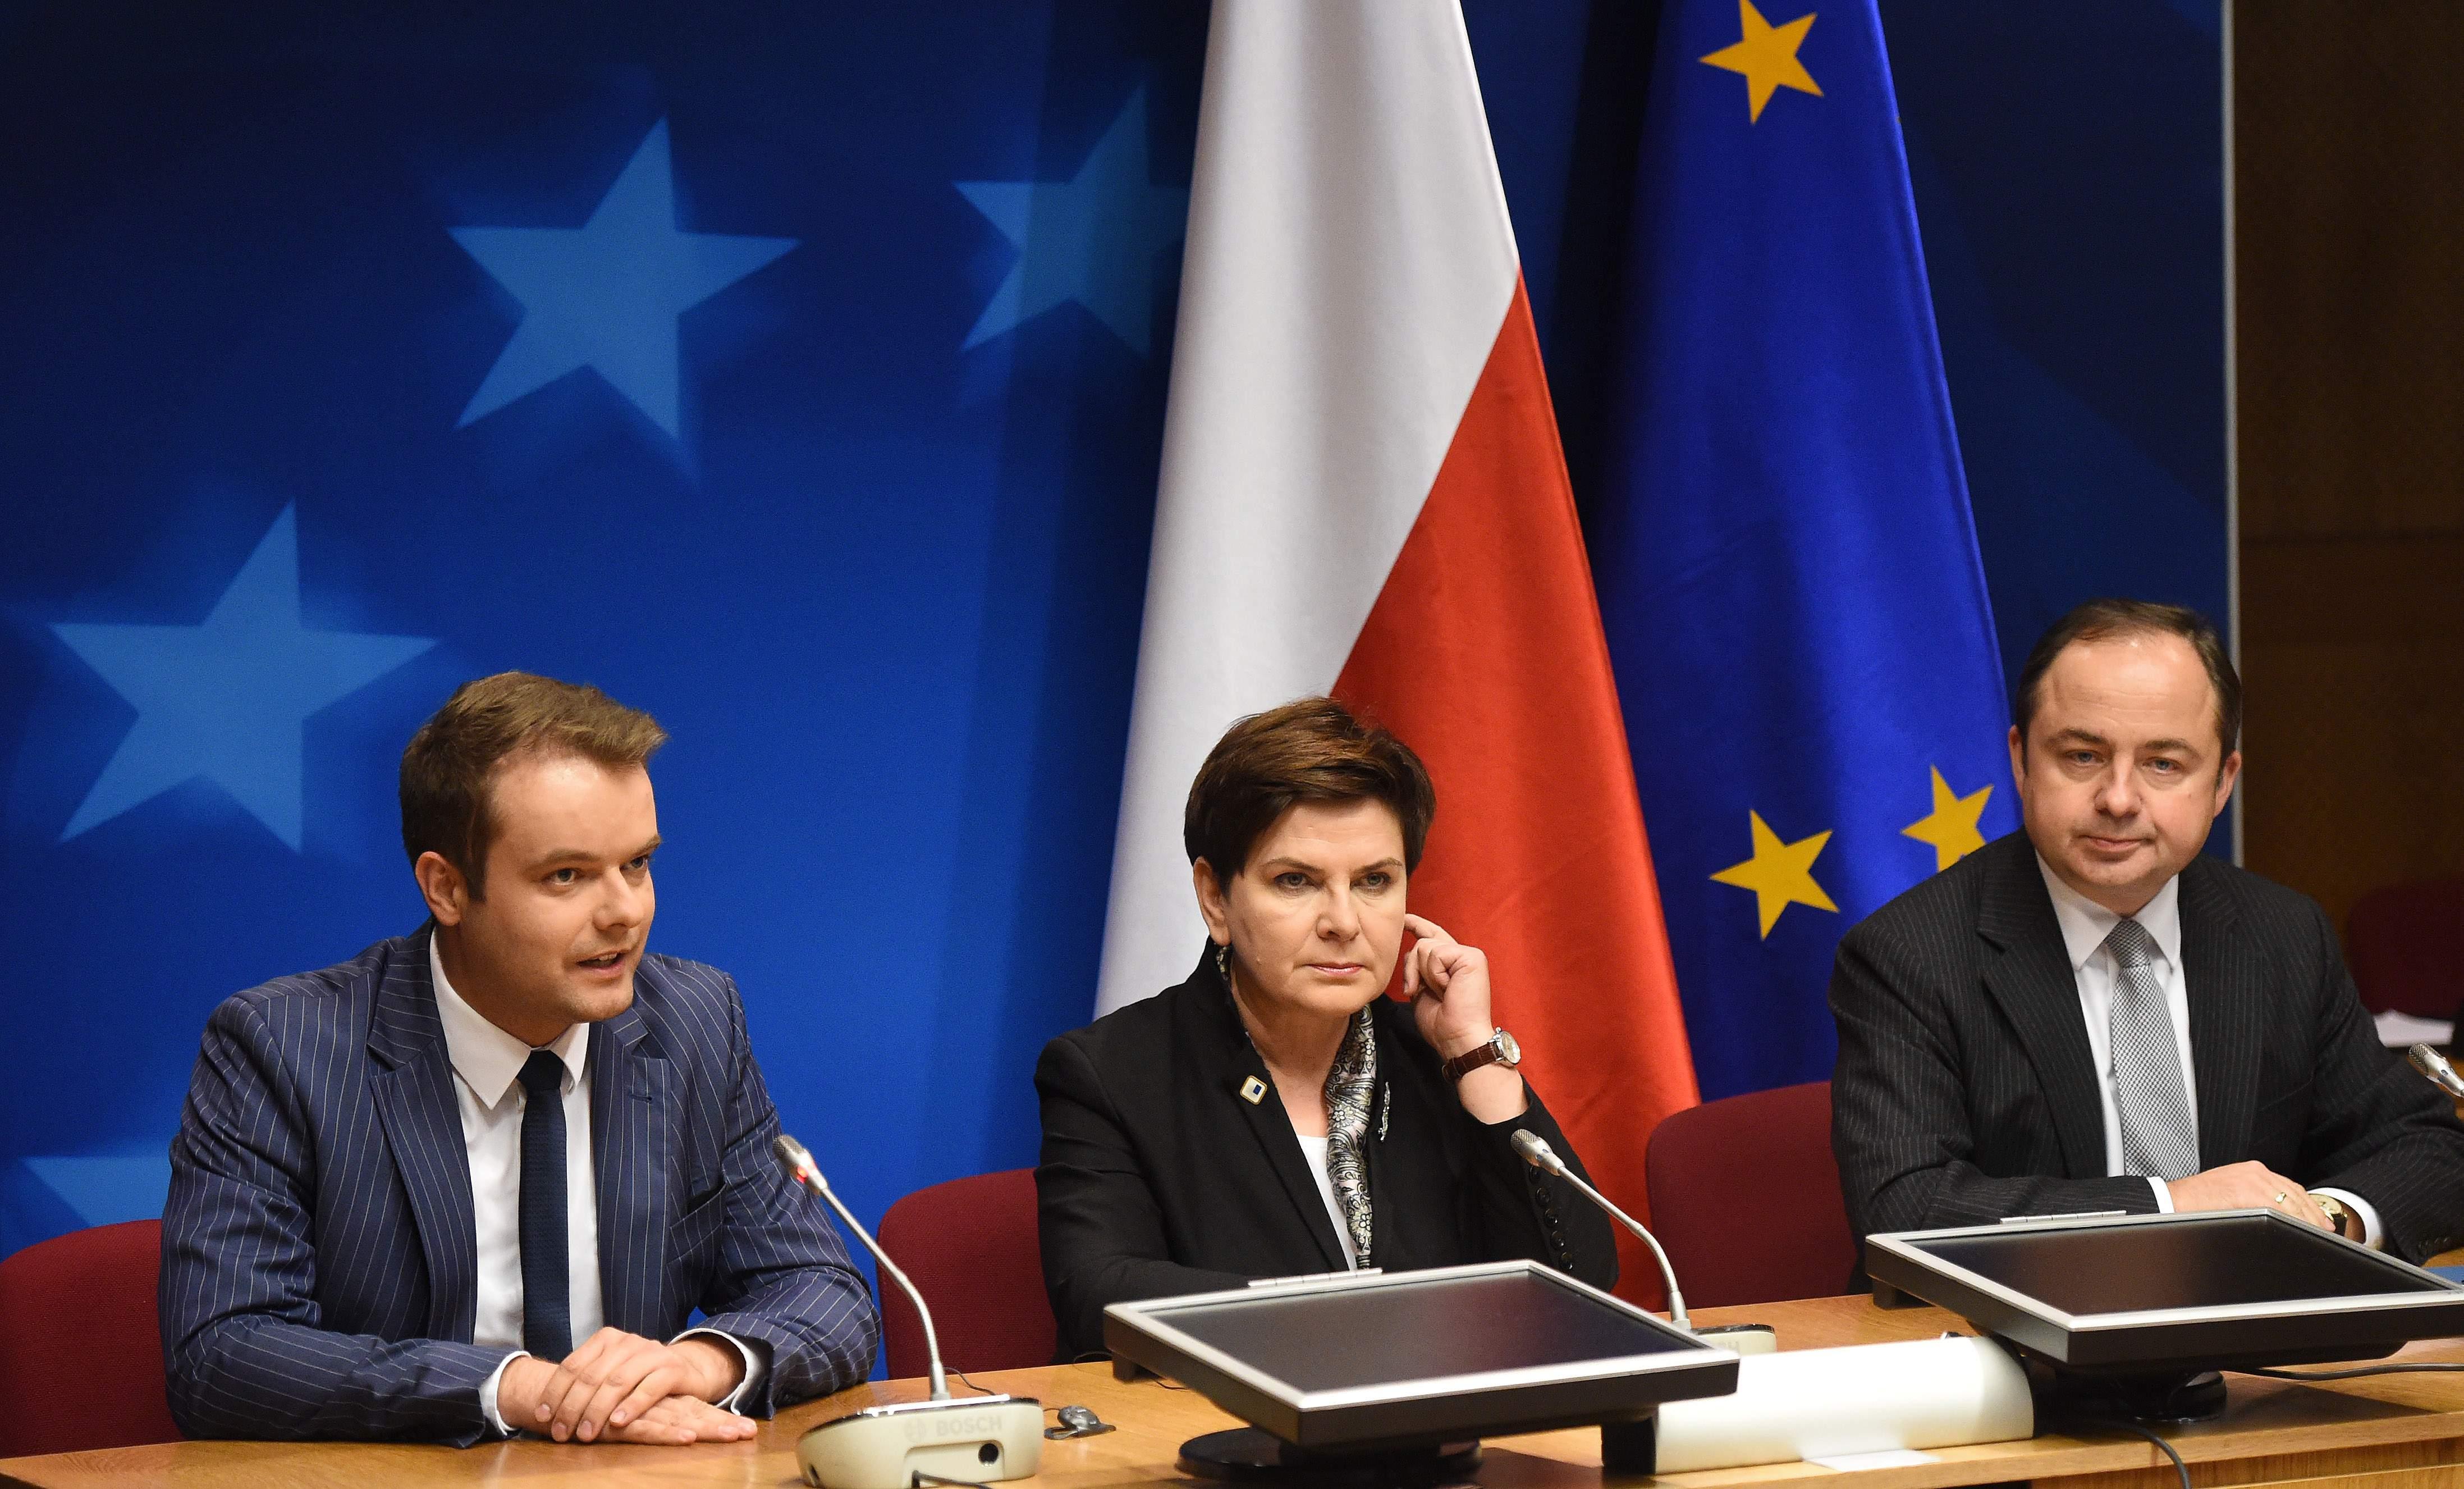 Premier Beata Szydło na marginesie szczytu UE w Brukseli spotkała się z prezydentem Francji Francoisem Hollande'em.